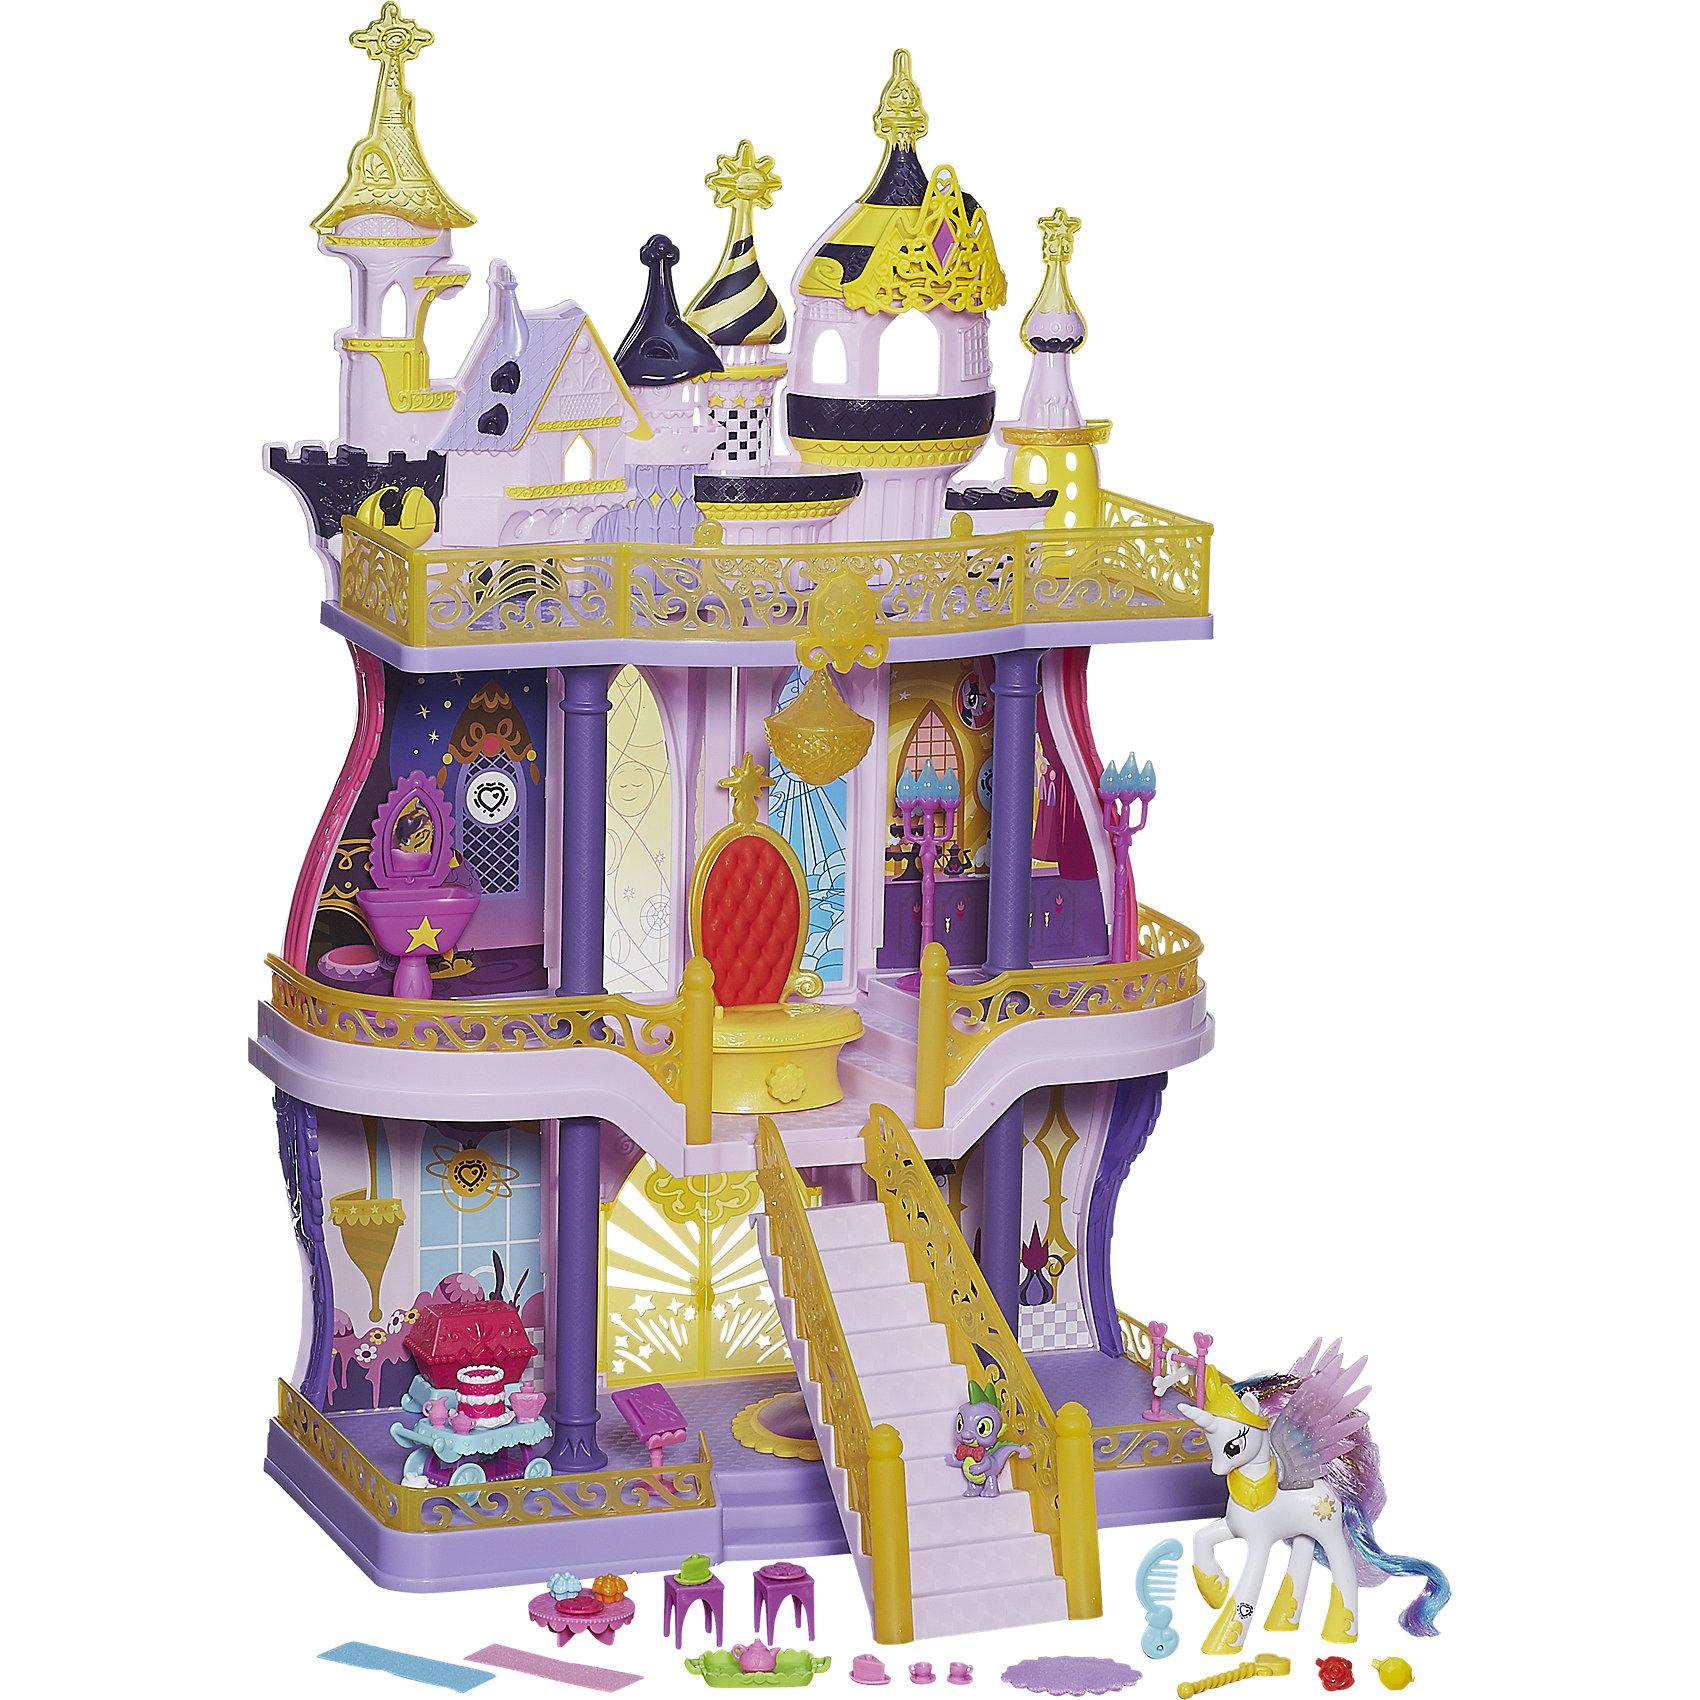 Игровой набор Замок Кантерлот , My little PonyНовый уникальный трехэтажный замок Кантерлот! Теперь ты можешь разыграть волшебные истории из мультсериала «Дружба – это чудо!» с принцессой Селестией в ее замке. В наборе более 50 аксессуаров, которые помогут сделать это. Купол замка украшен диадемой, которую девочка сможет примерить на себя и превратиться в волшебную принцессу.<br><br>Ширина мм: 682<br>Глубина мм: 398<br>Высота мм: 160<br>Вес г: 3365<br>Возраст от месяцев: 36<br>Возраст до месяцев: 60<br>Пол: Женский<br>Возраст: Детский<br>SKU: 4156423